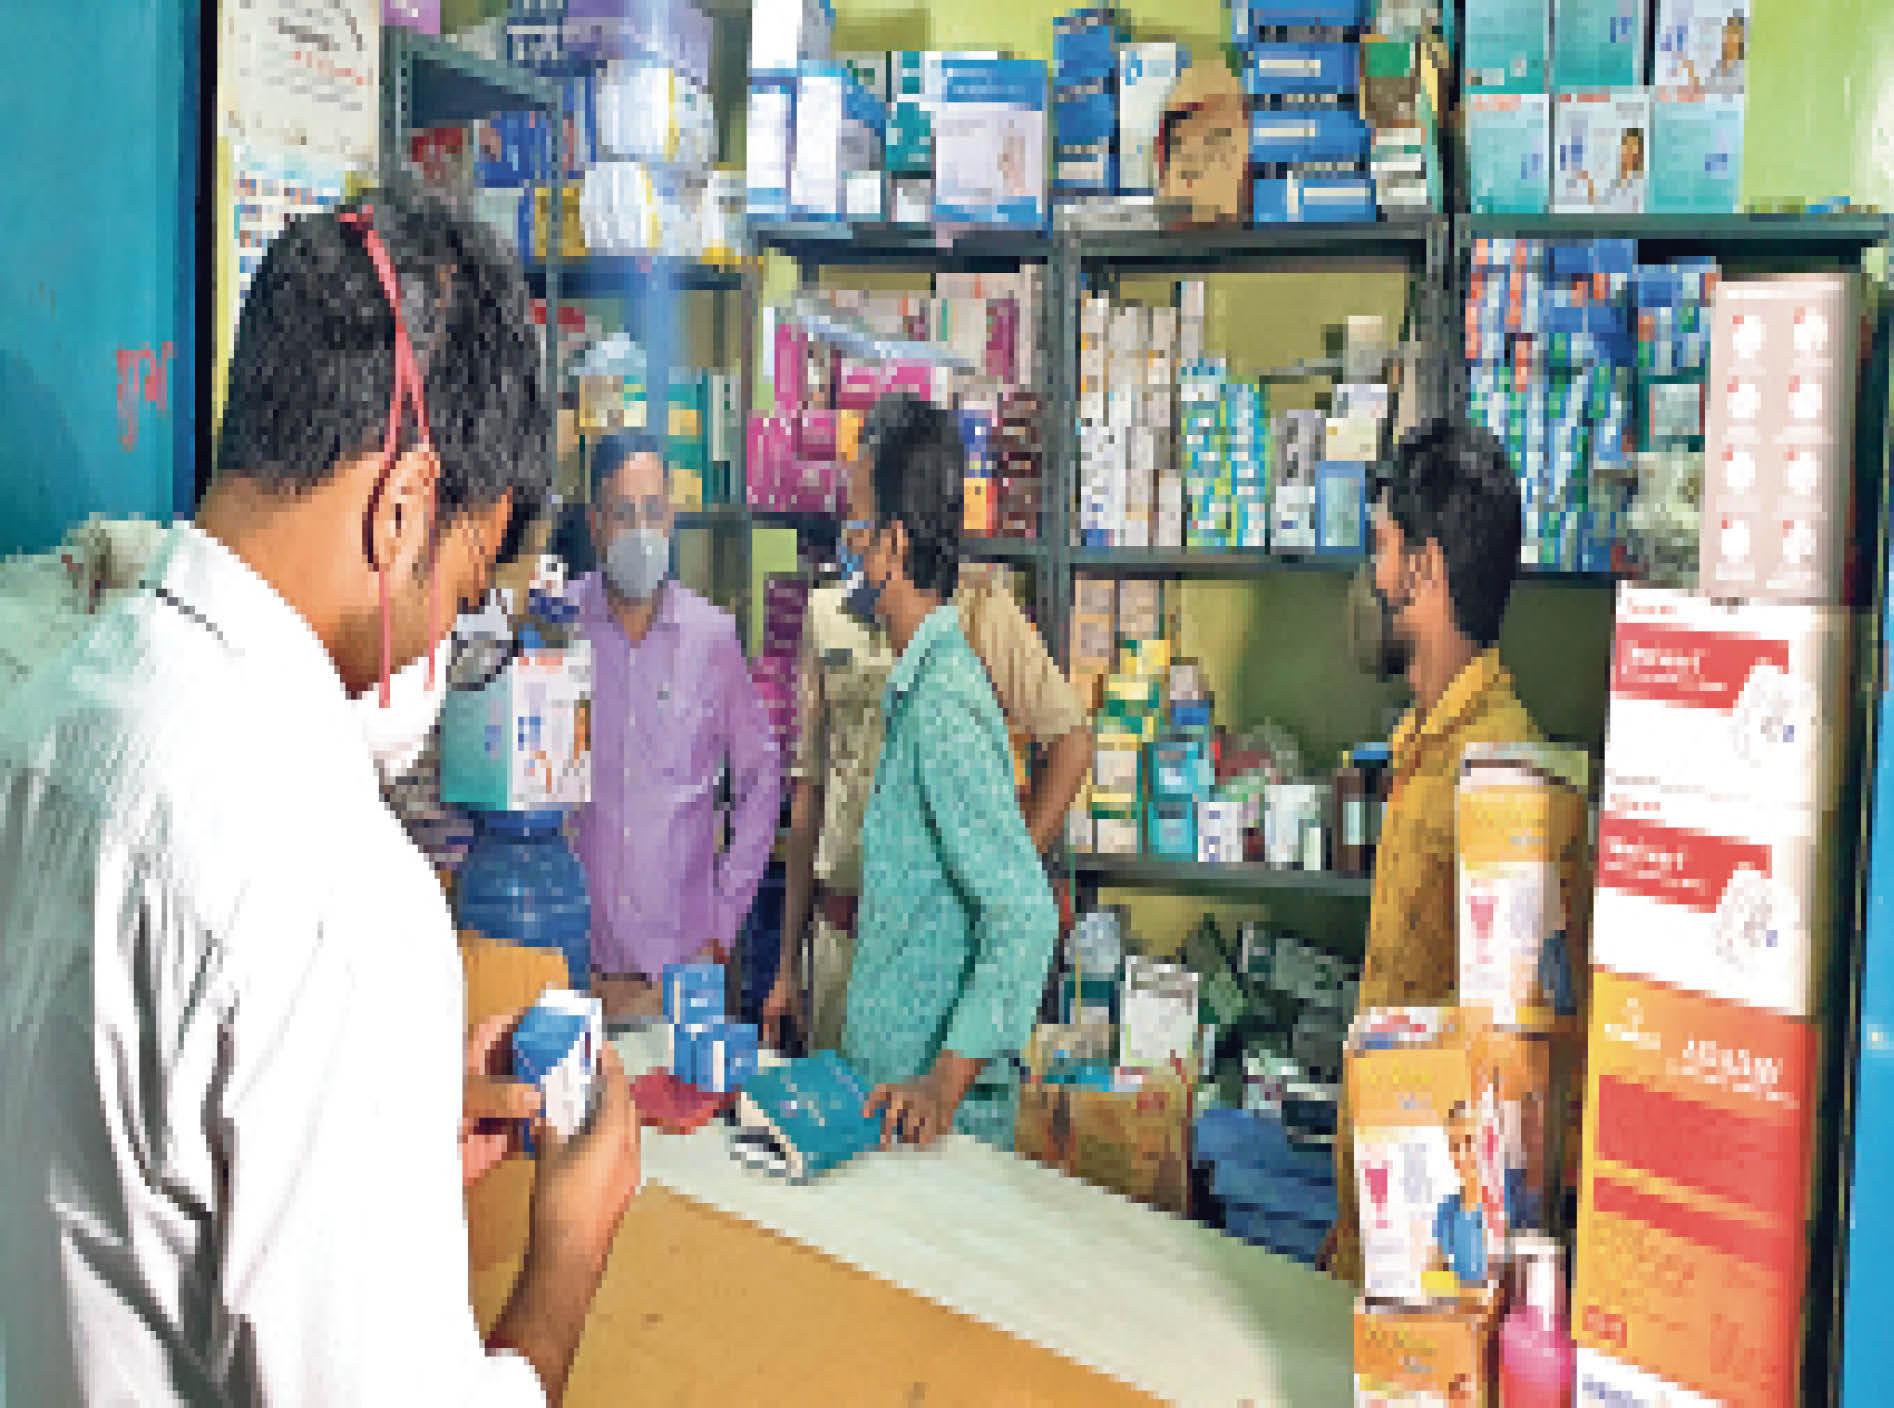 भास्कर टीम के साथ गए एसडीओ से 400 रुपए के ऑक्सीमीटर का 2500 मांगा, एक हिरासत में|रांची,Ranchi - Dainik Bhaskar